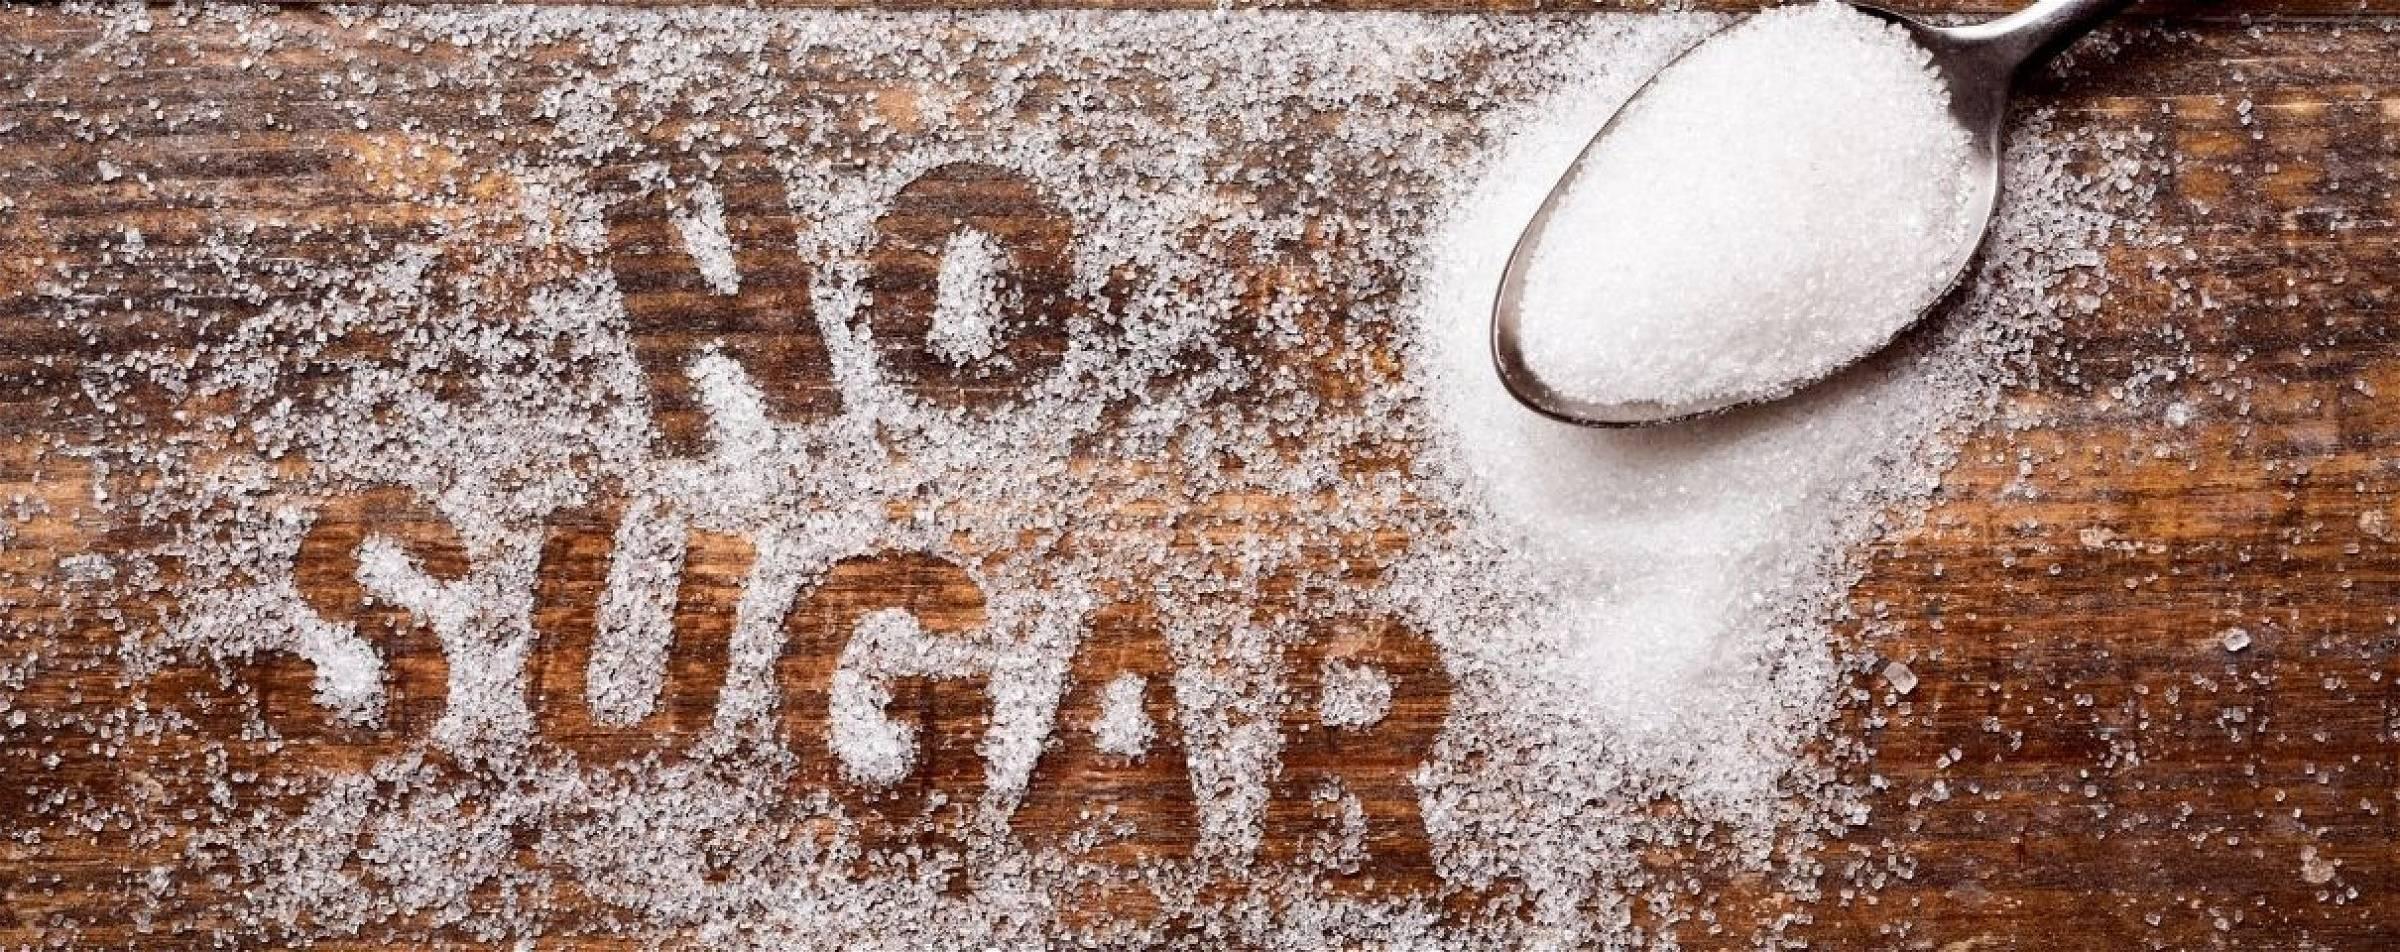 Laten zien dat aspartaam een goede suikervervanger is.